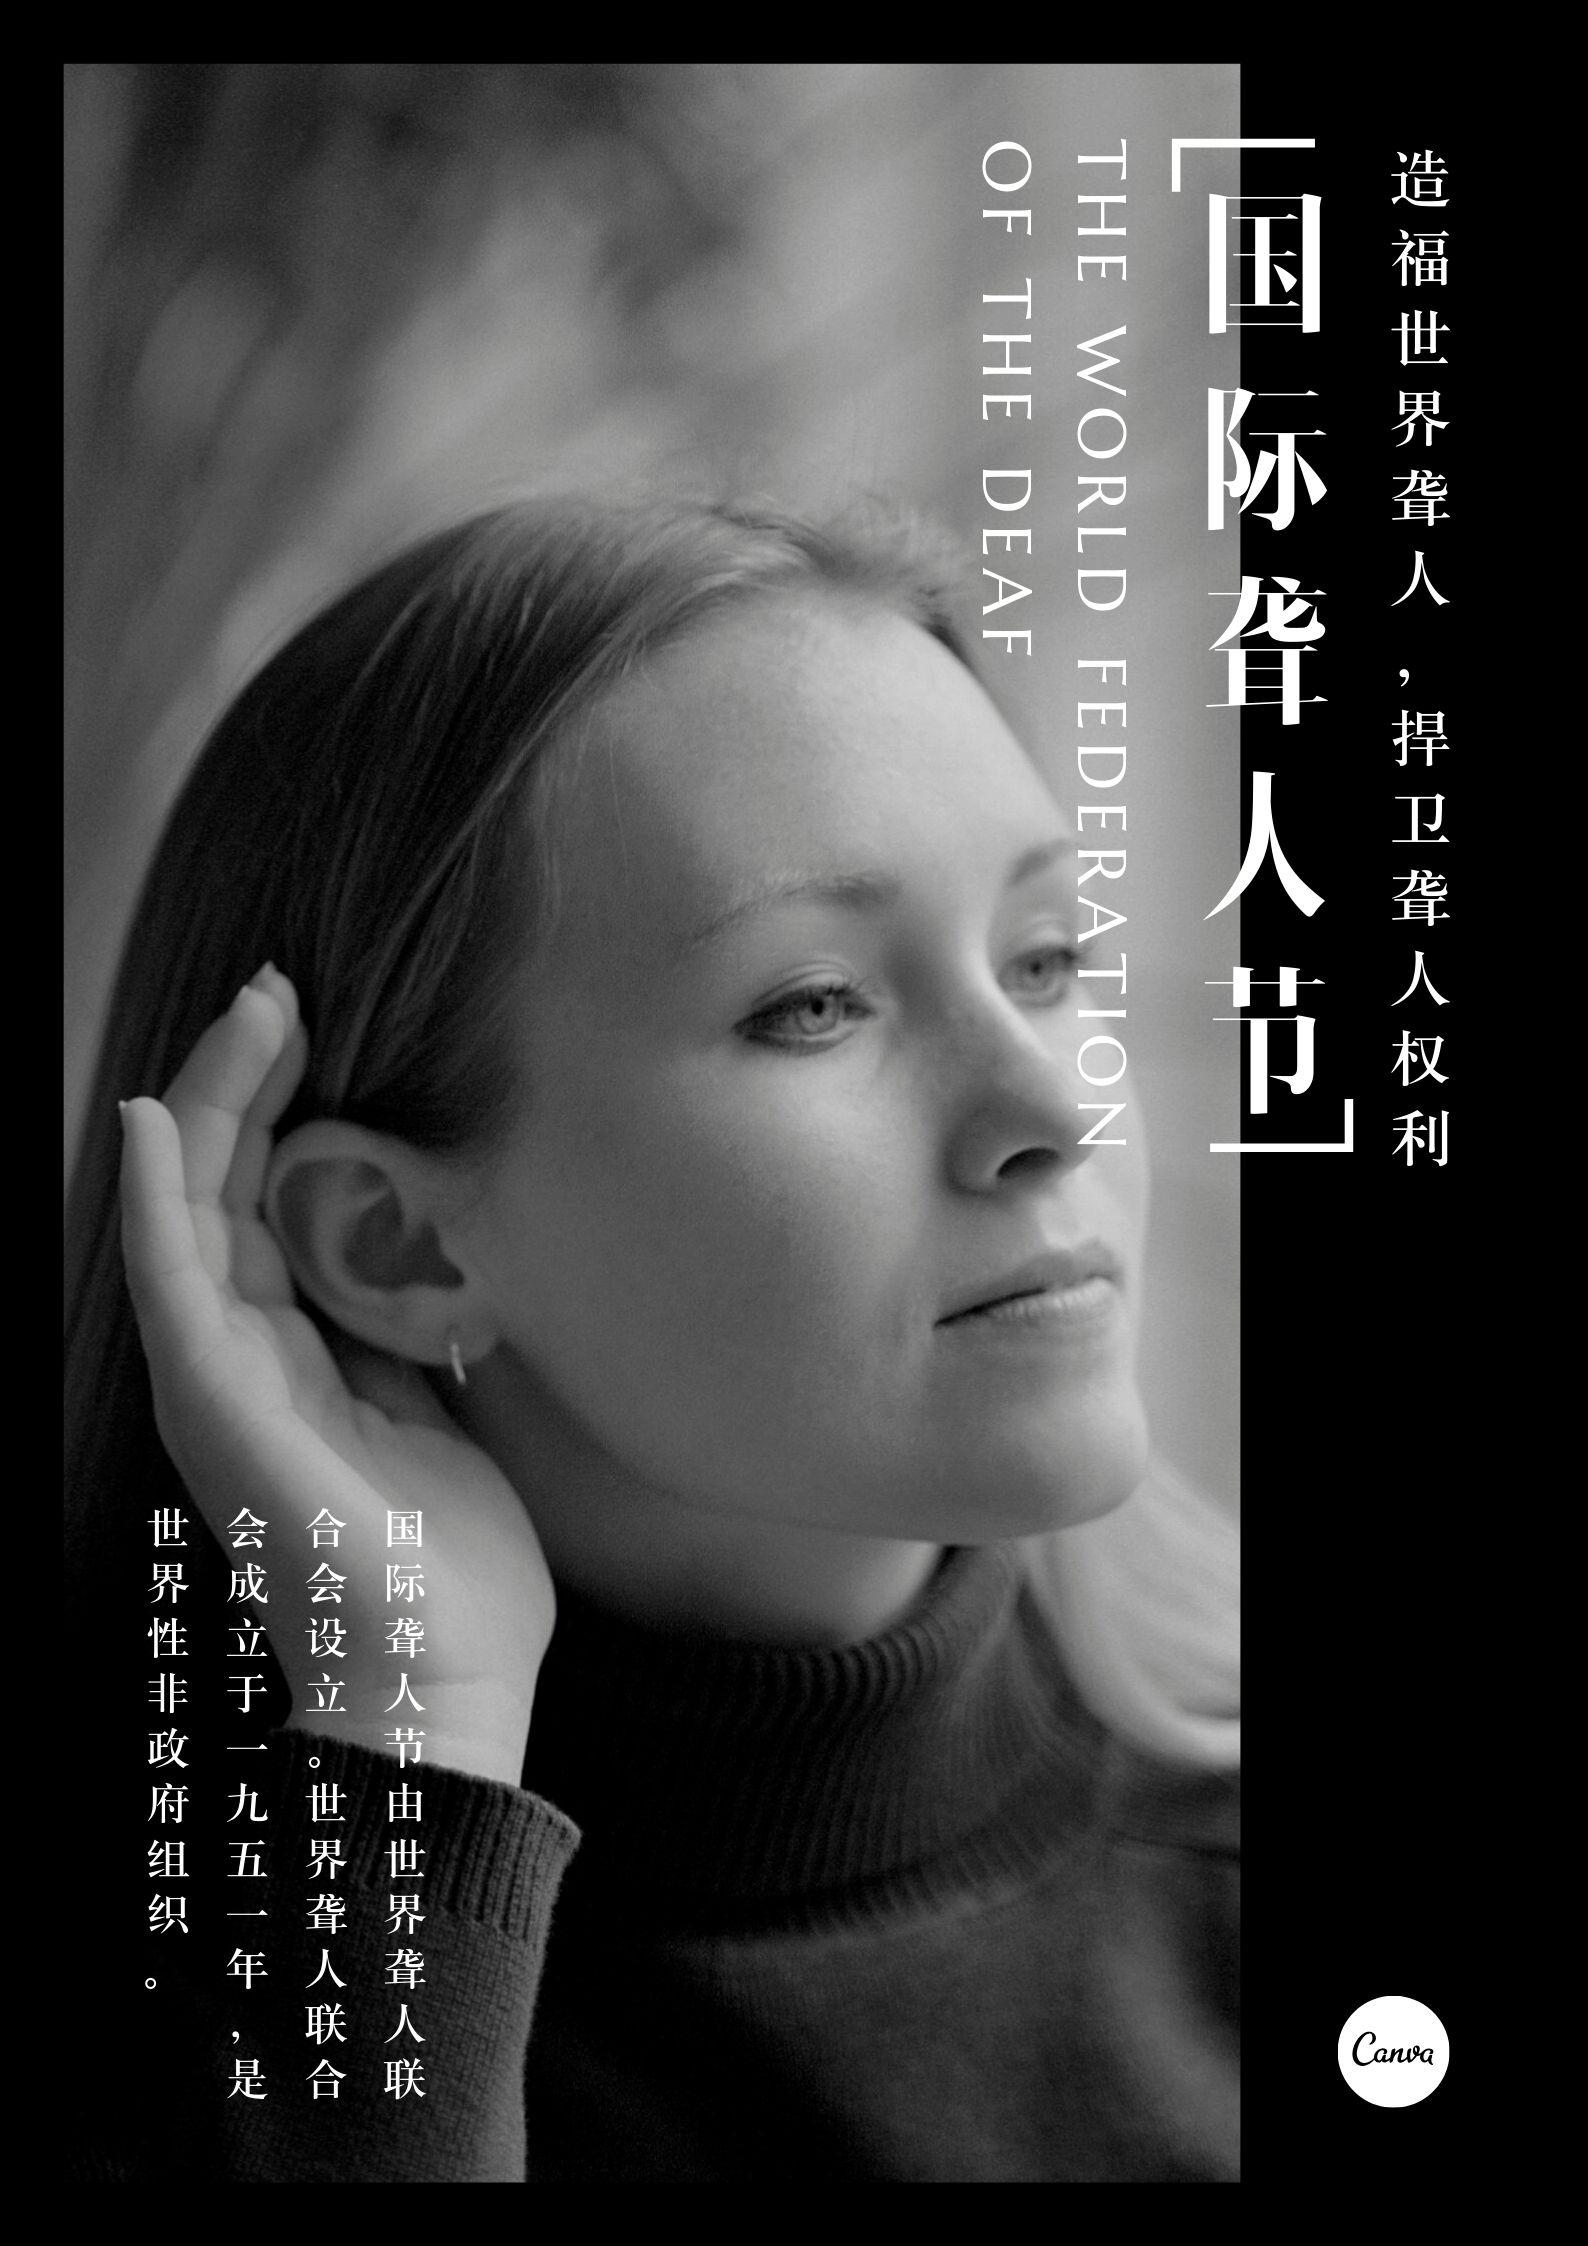 国际聋人节图片